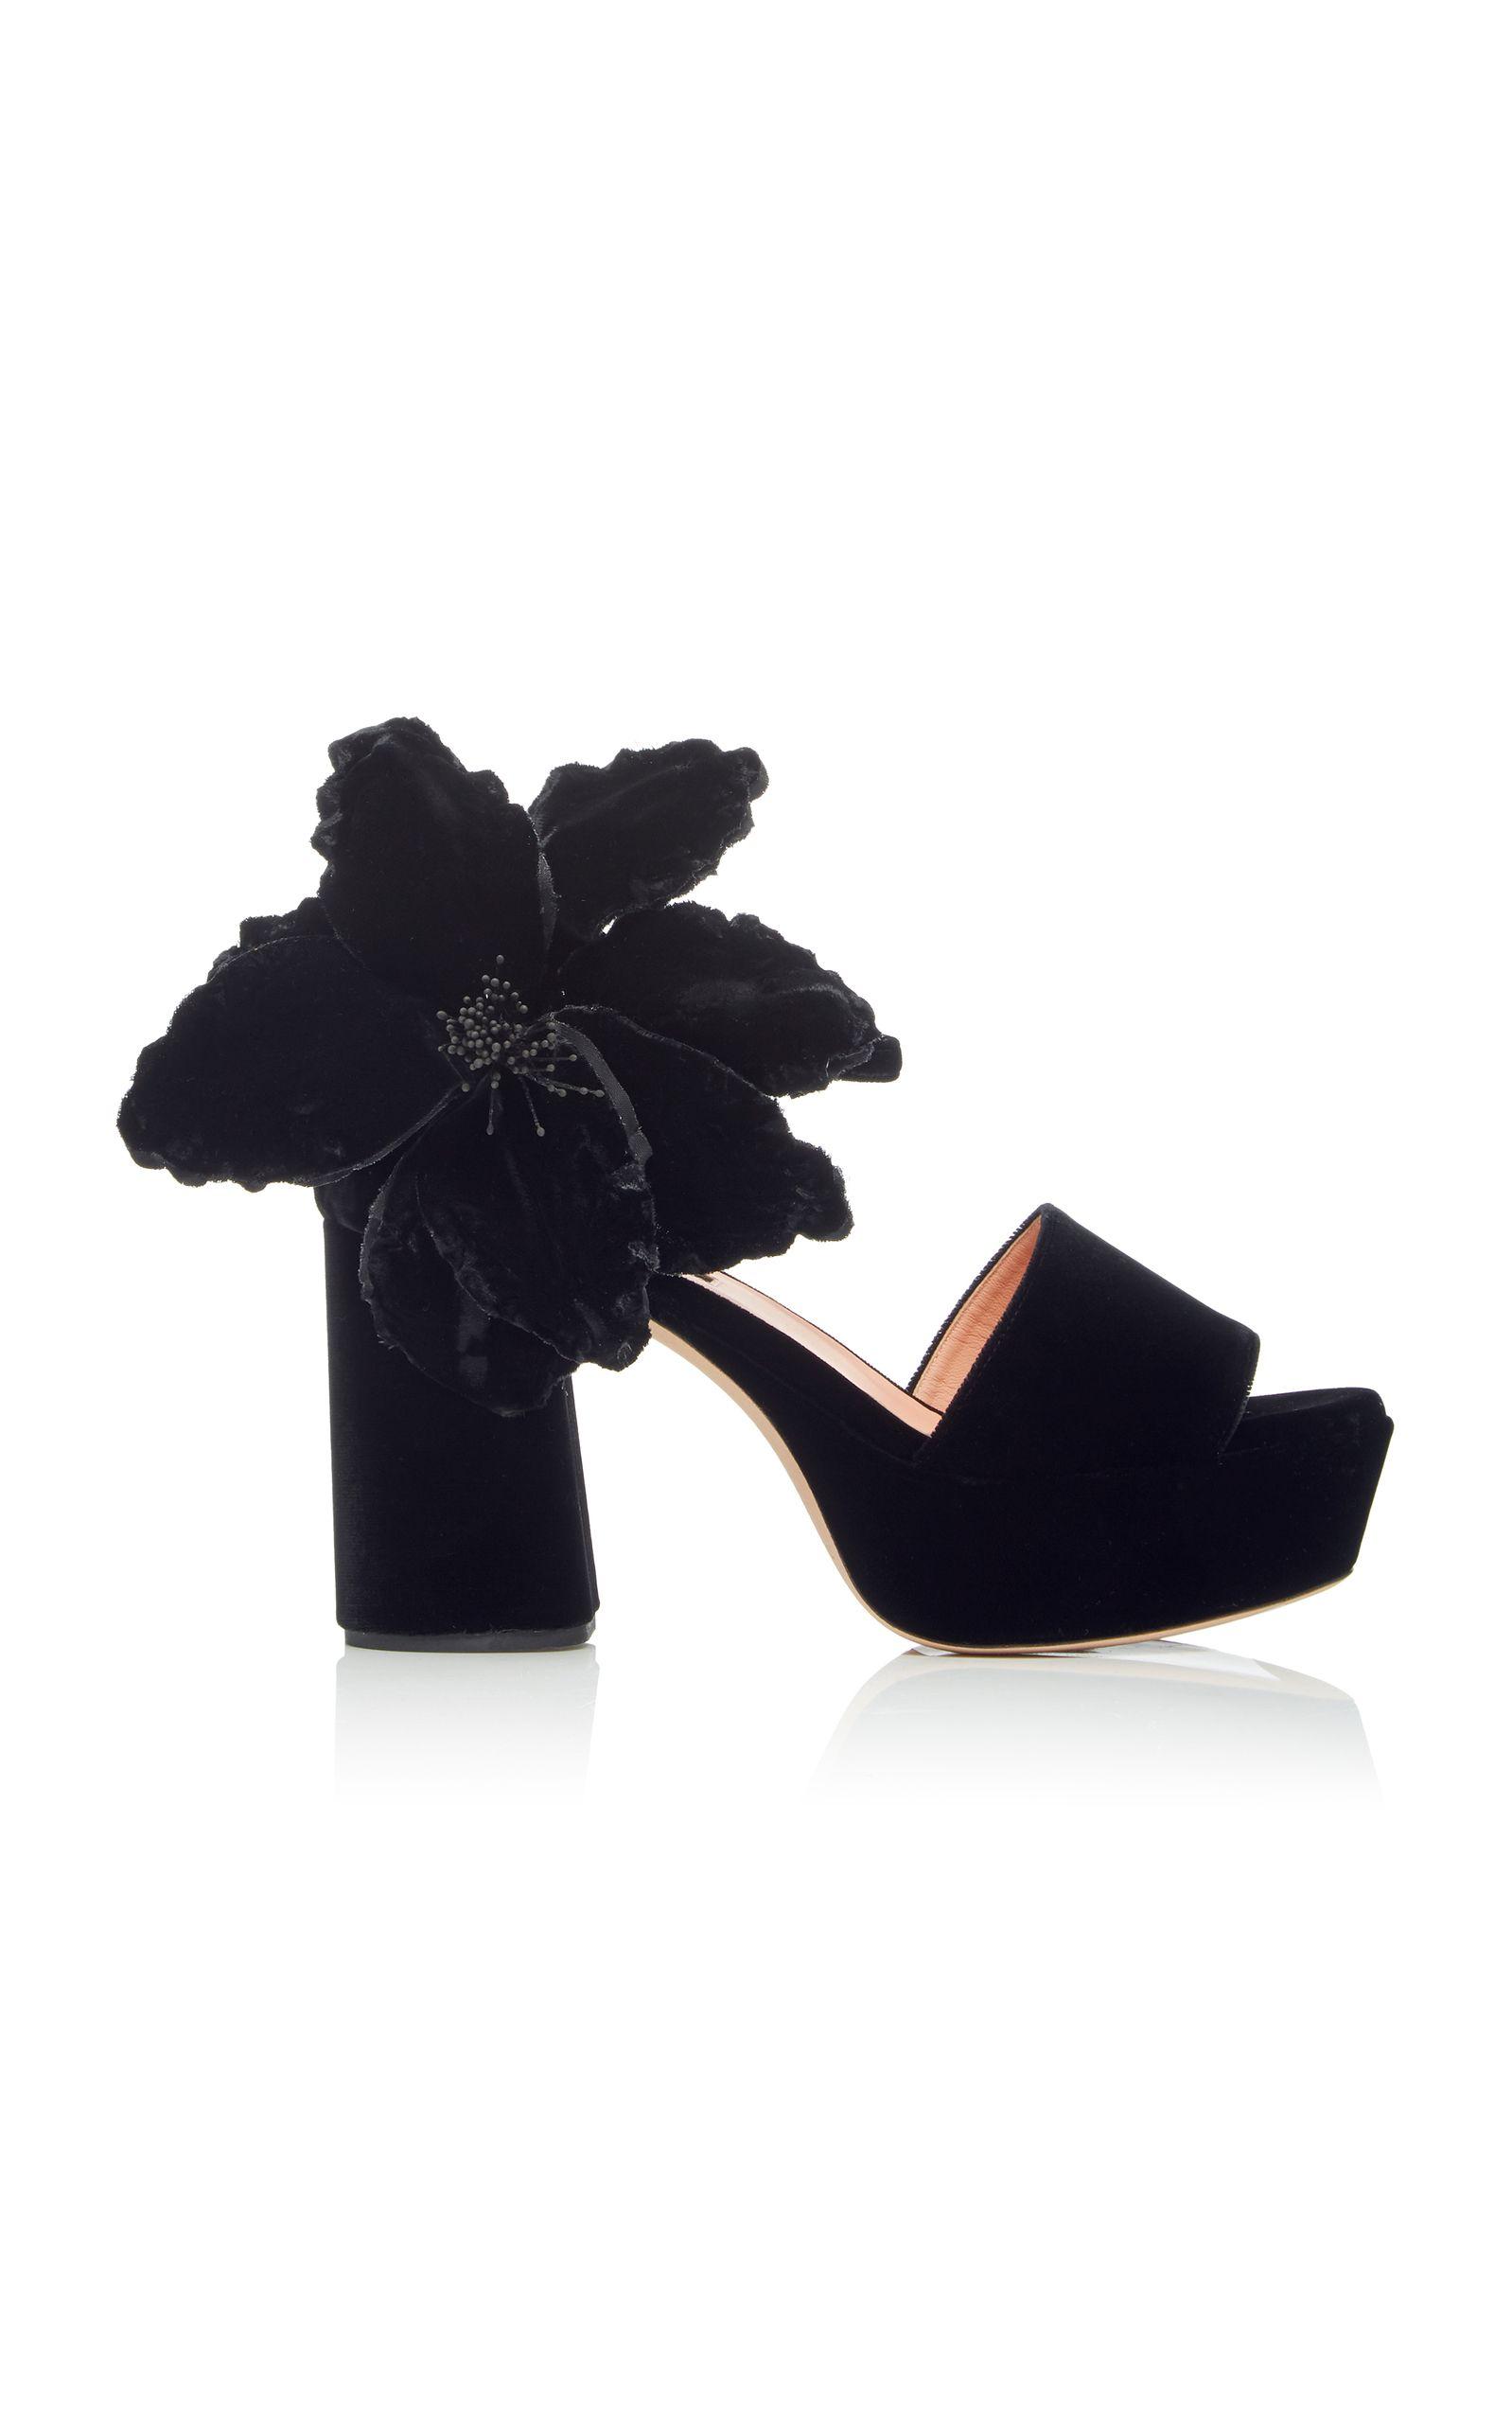 d626a55e622e3 Flower Platform Sandal by ROCHAS for Preorder on Moda Operandi. ROCHAS  FLOWER PLATFORM SANDAL. #rochas #shoes # Ladies Dress Design ...